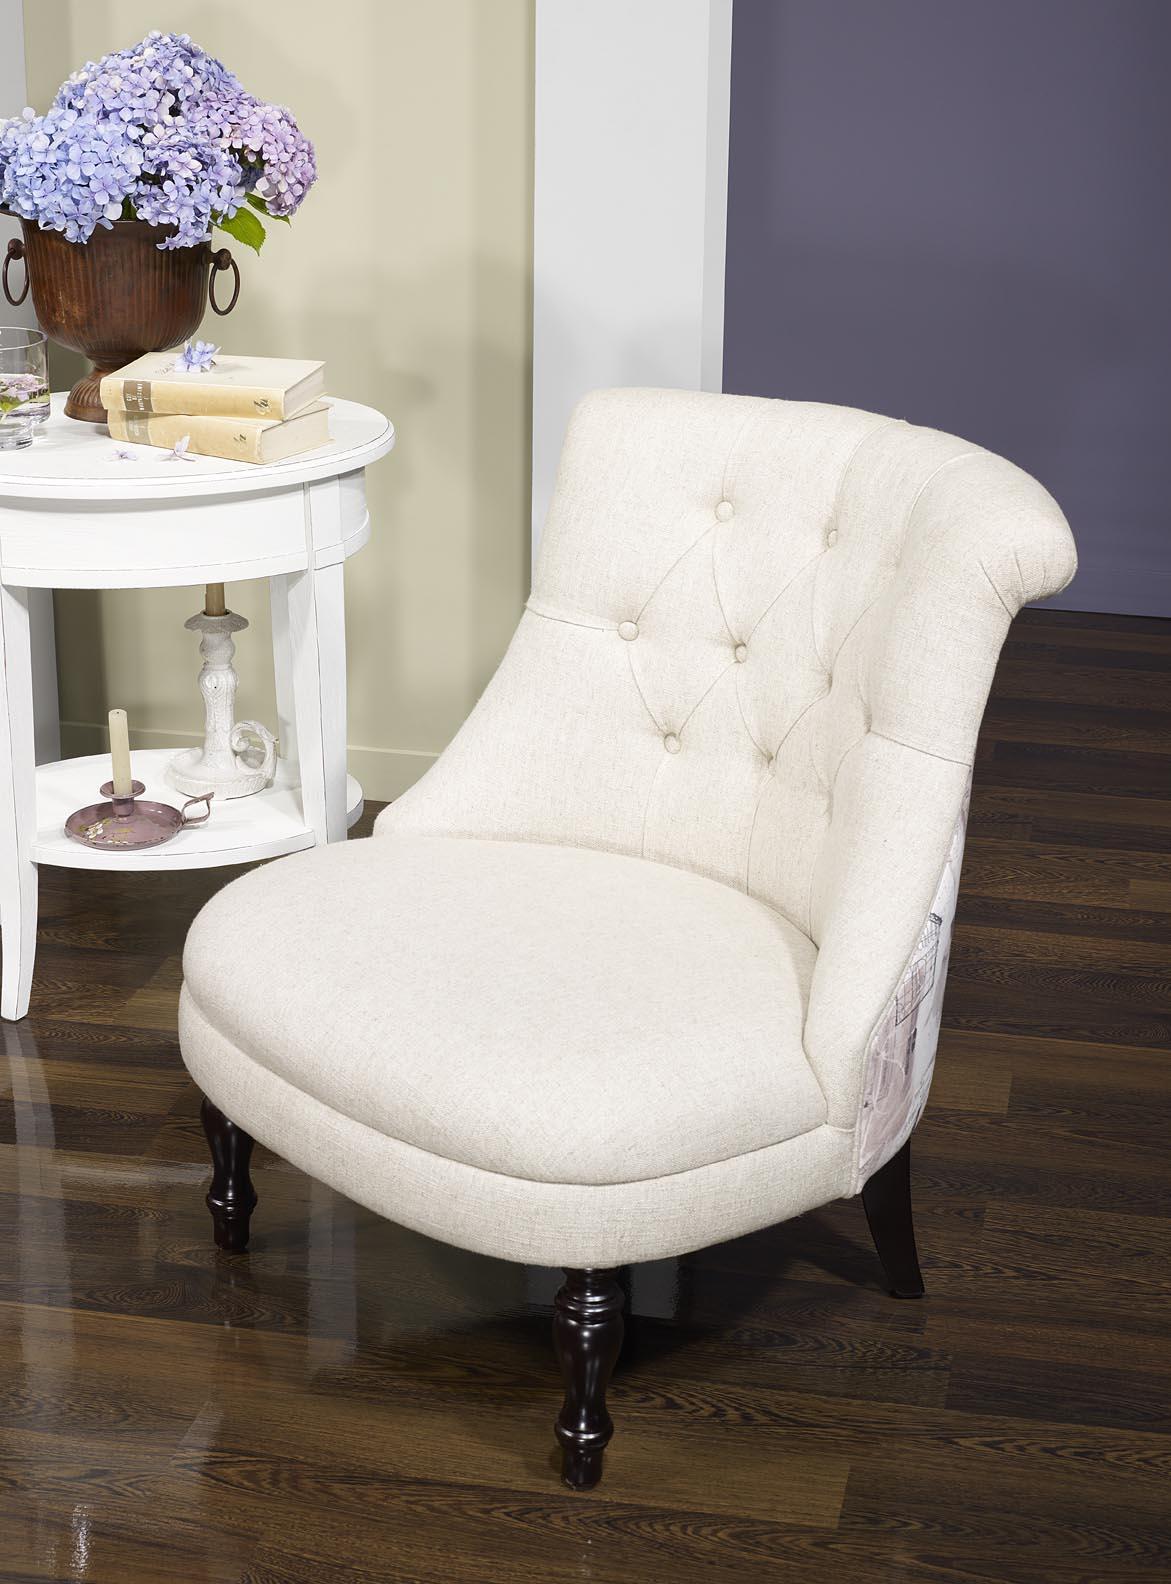 fauteuil crapaud en tissu lin capitonn beige avec motif floral meuble en ch ne massif. Black Bedroom Furniture Sets. Home Design Ideas